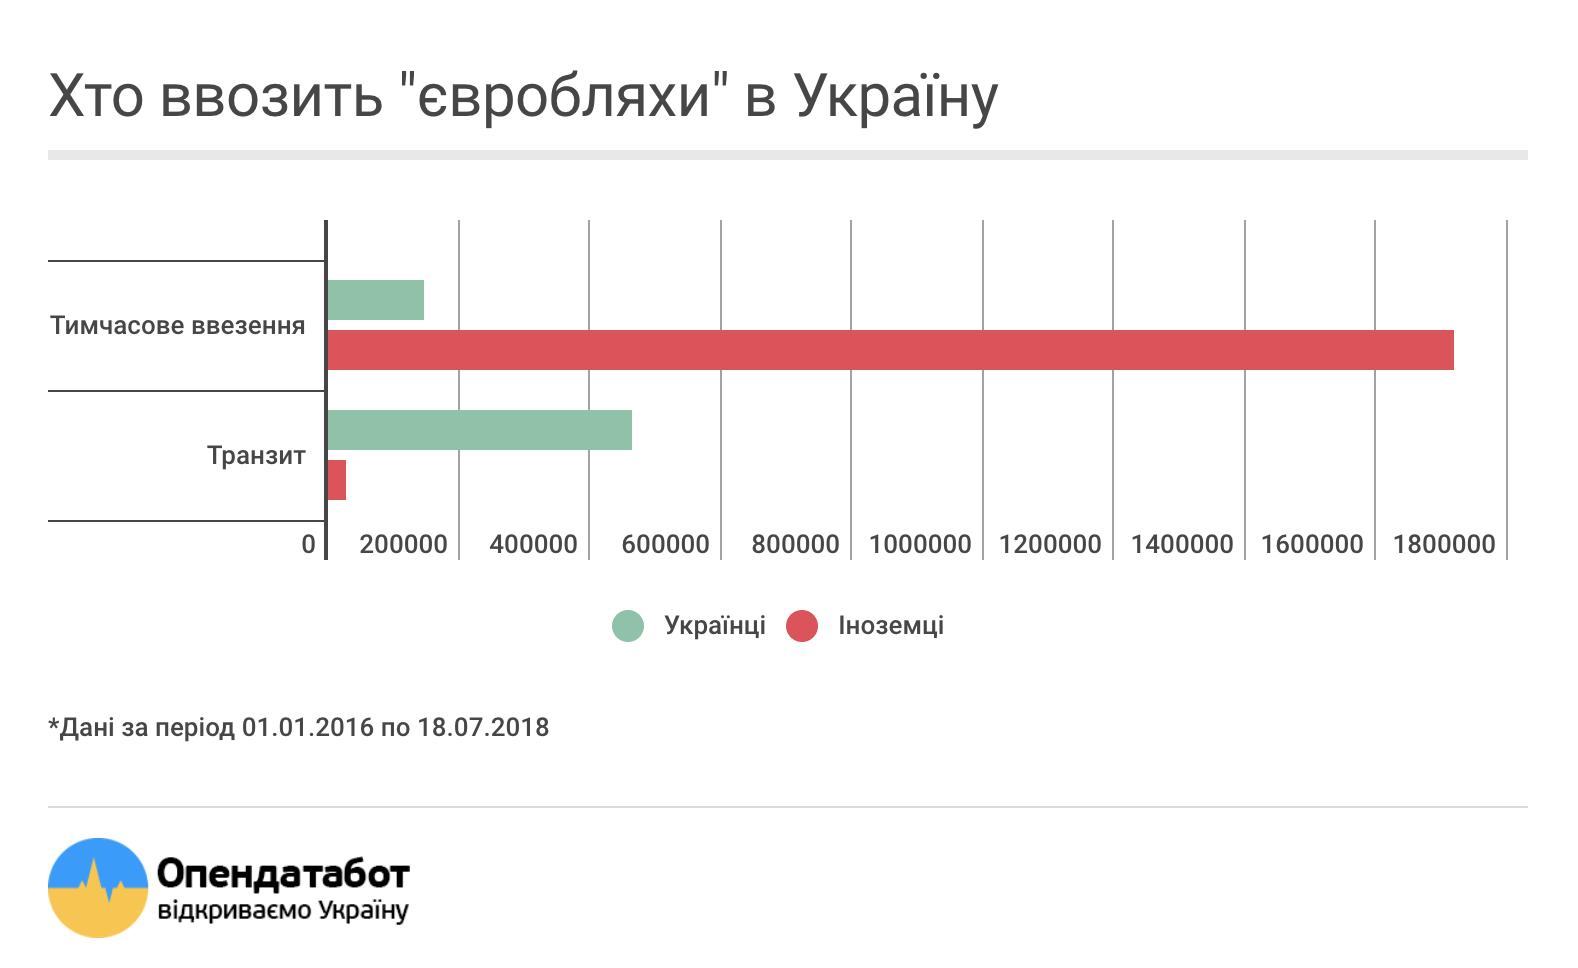 Хто ввозить євробляхи в Україну